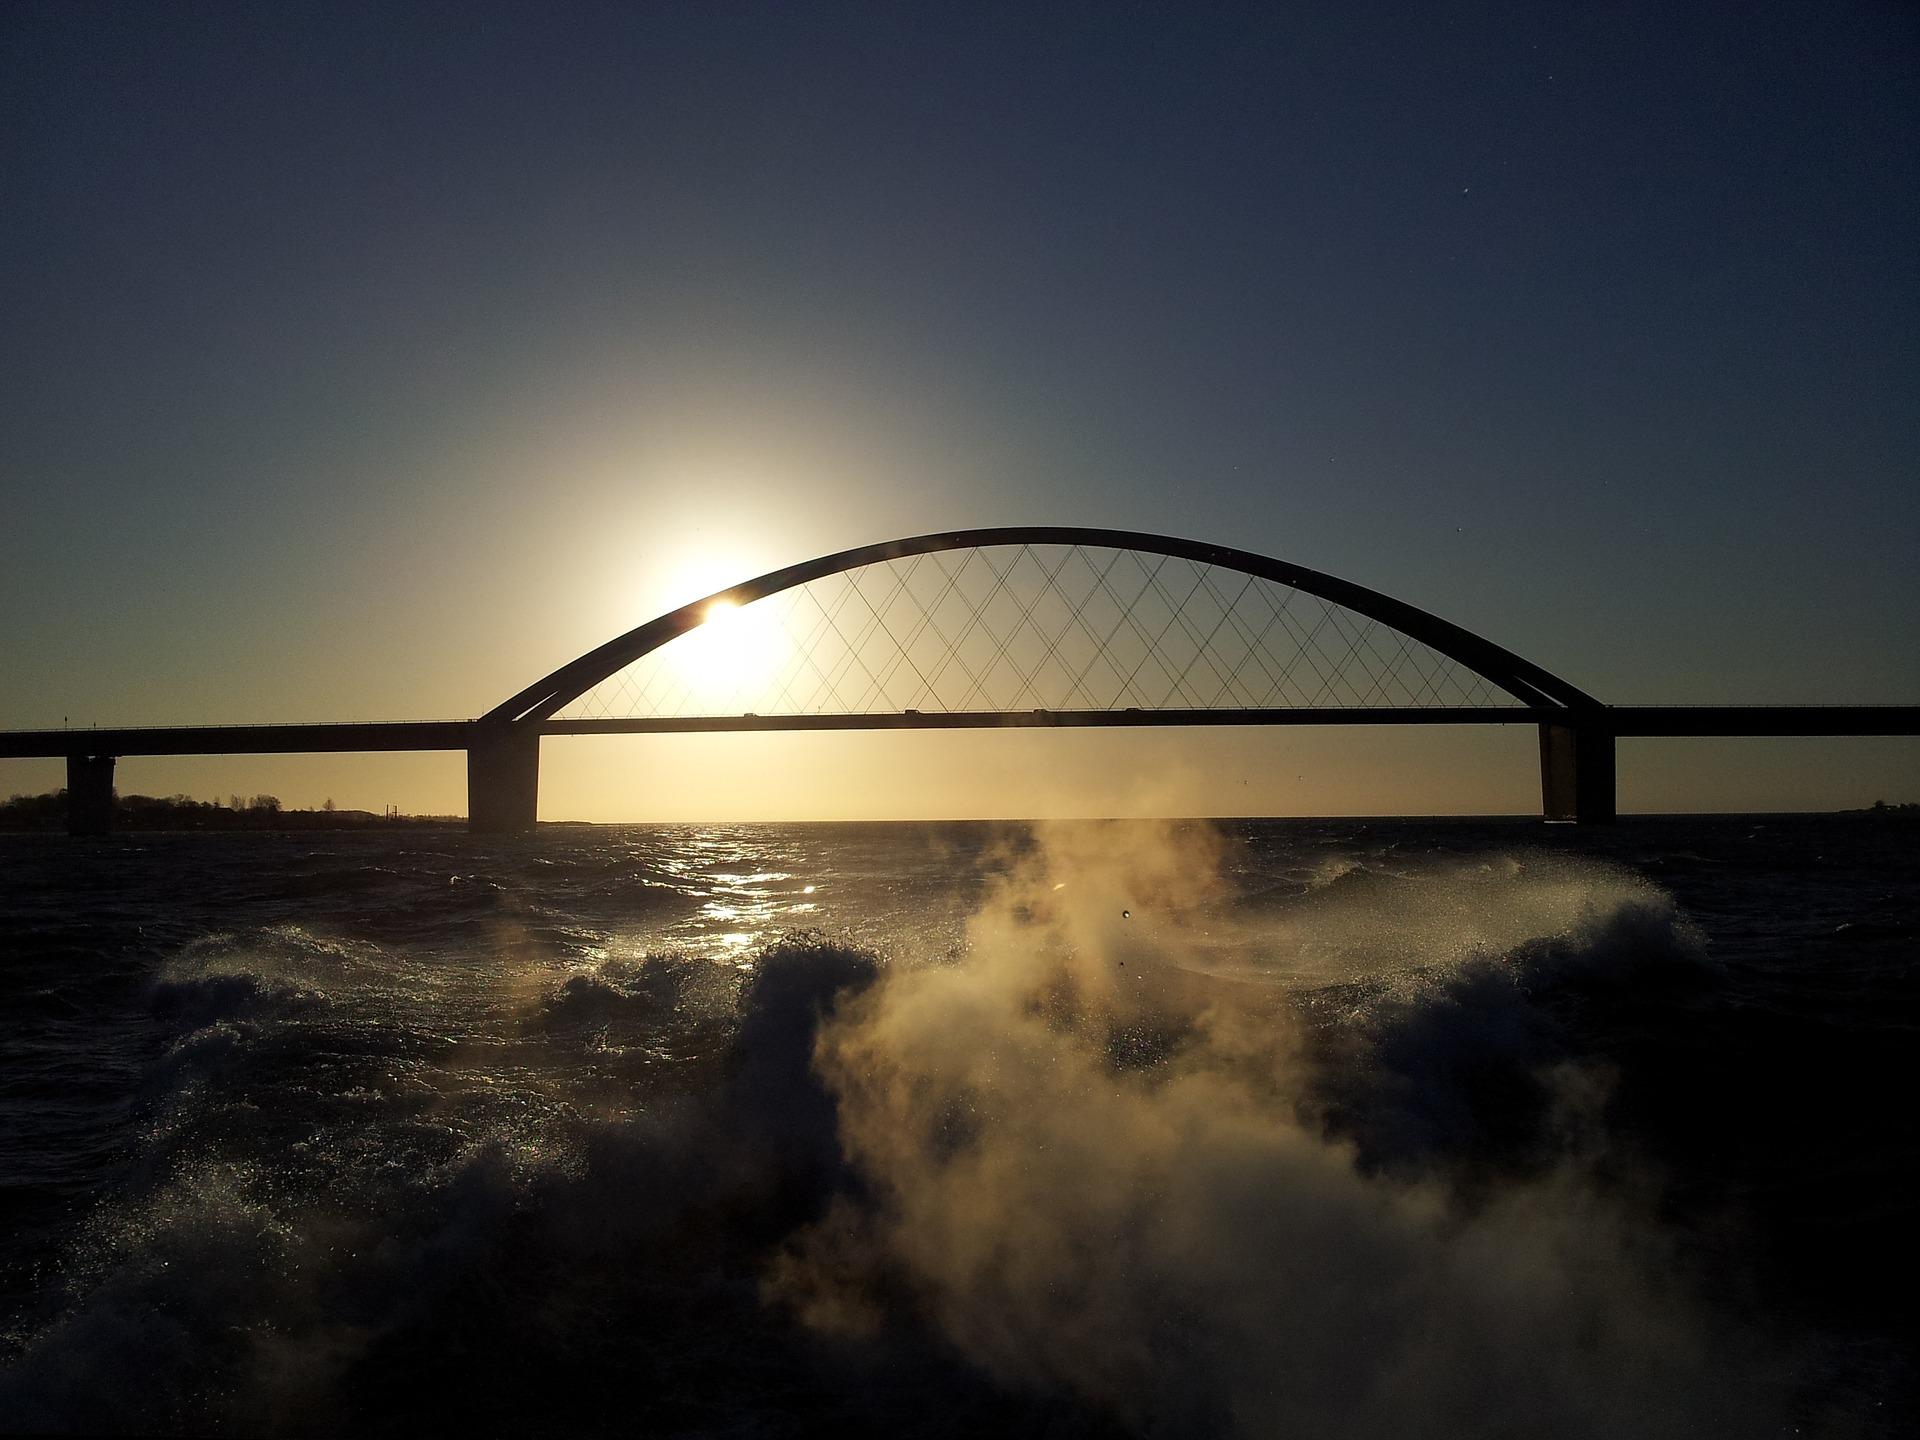 Vor der untergehenden Sonne sieht man die Brücke nach Fehmarn, im Vordergrund Wellen